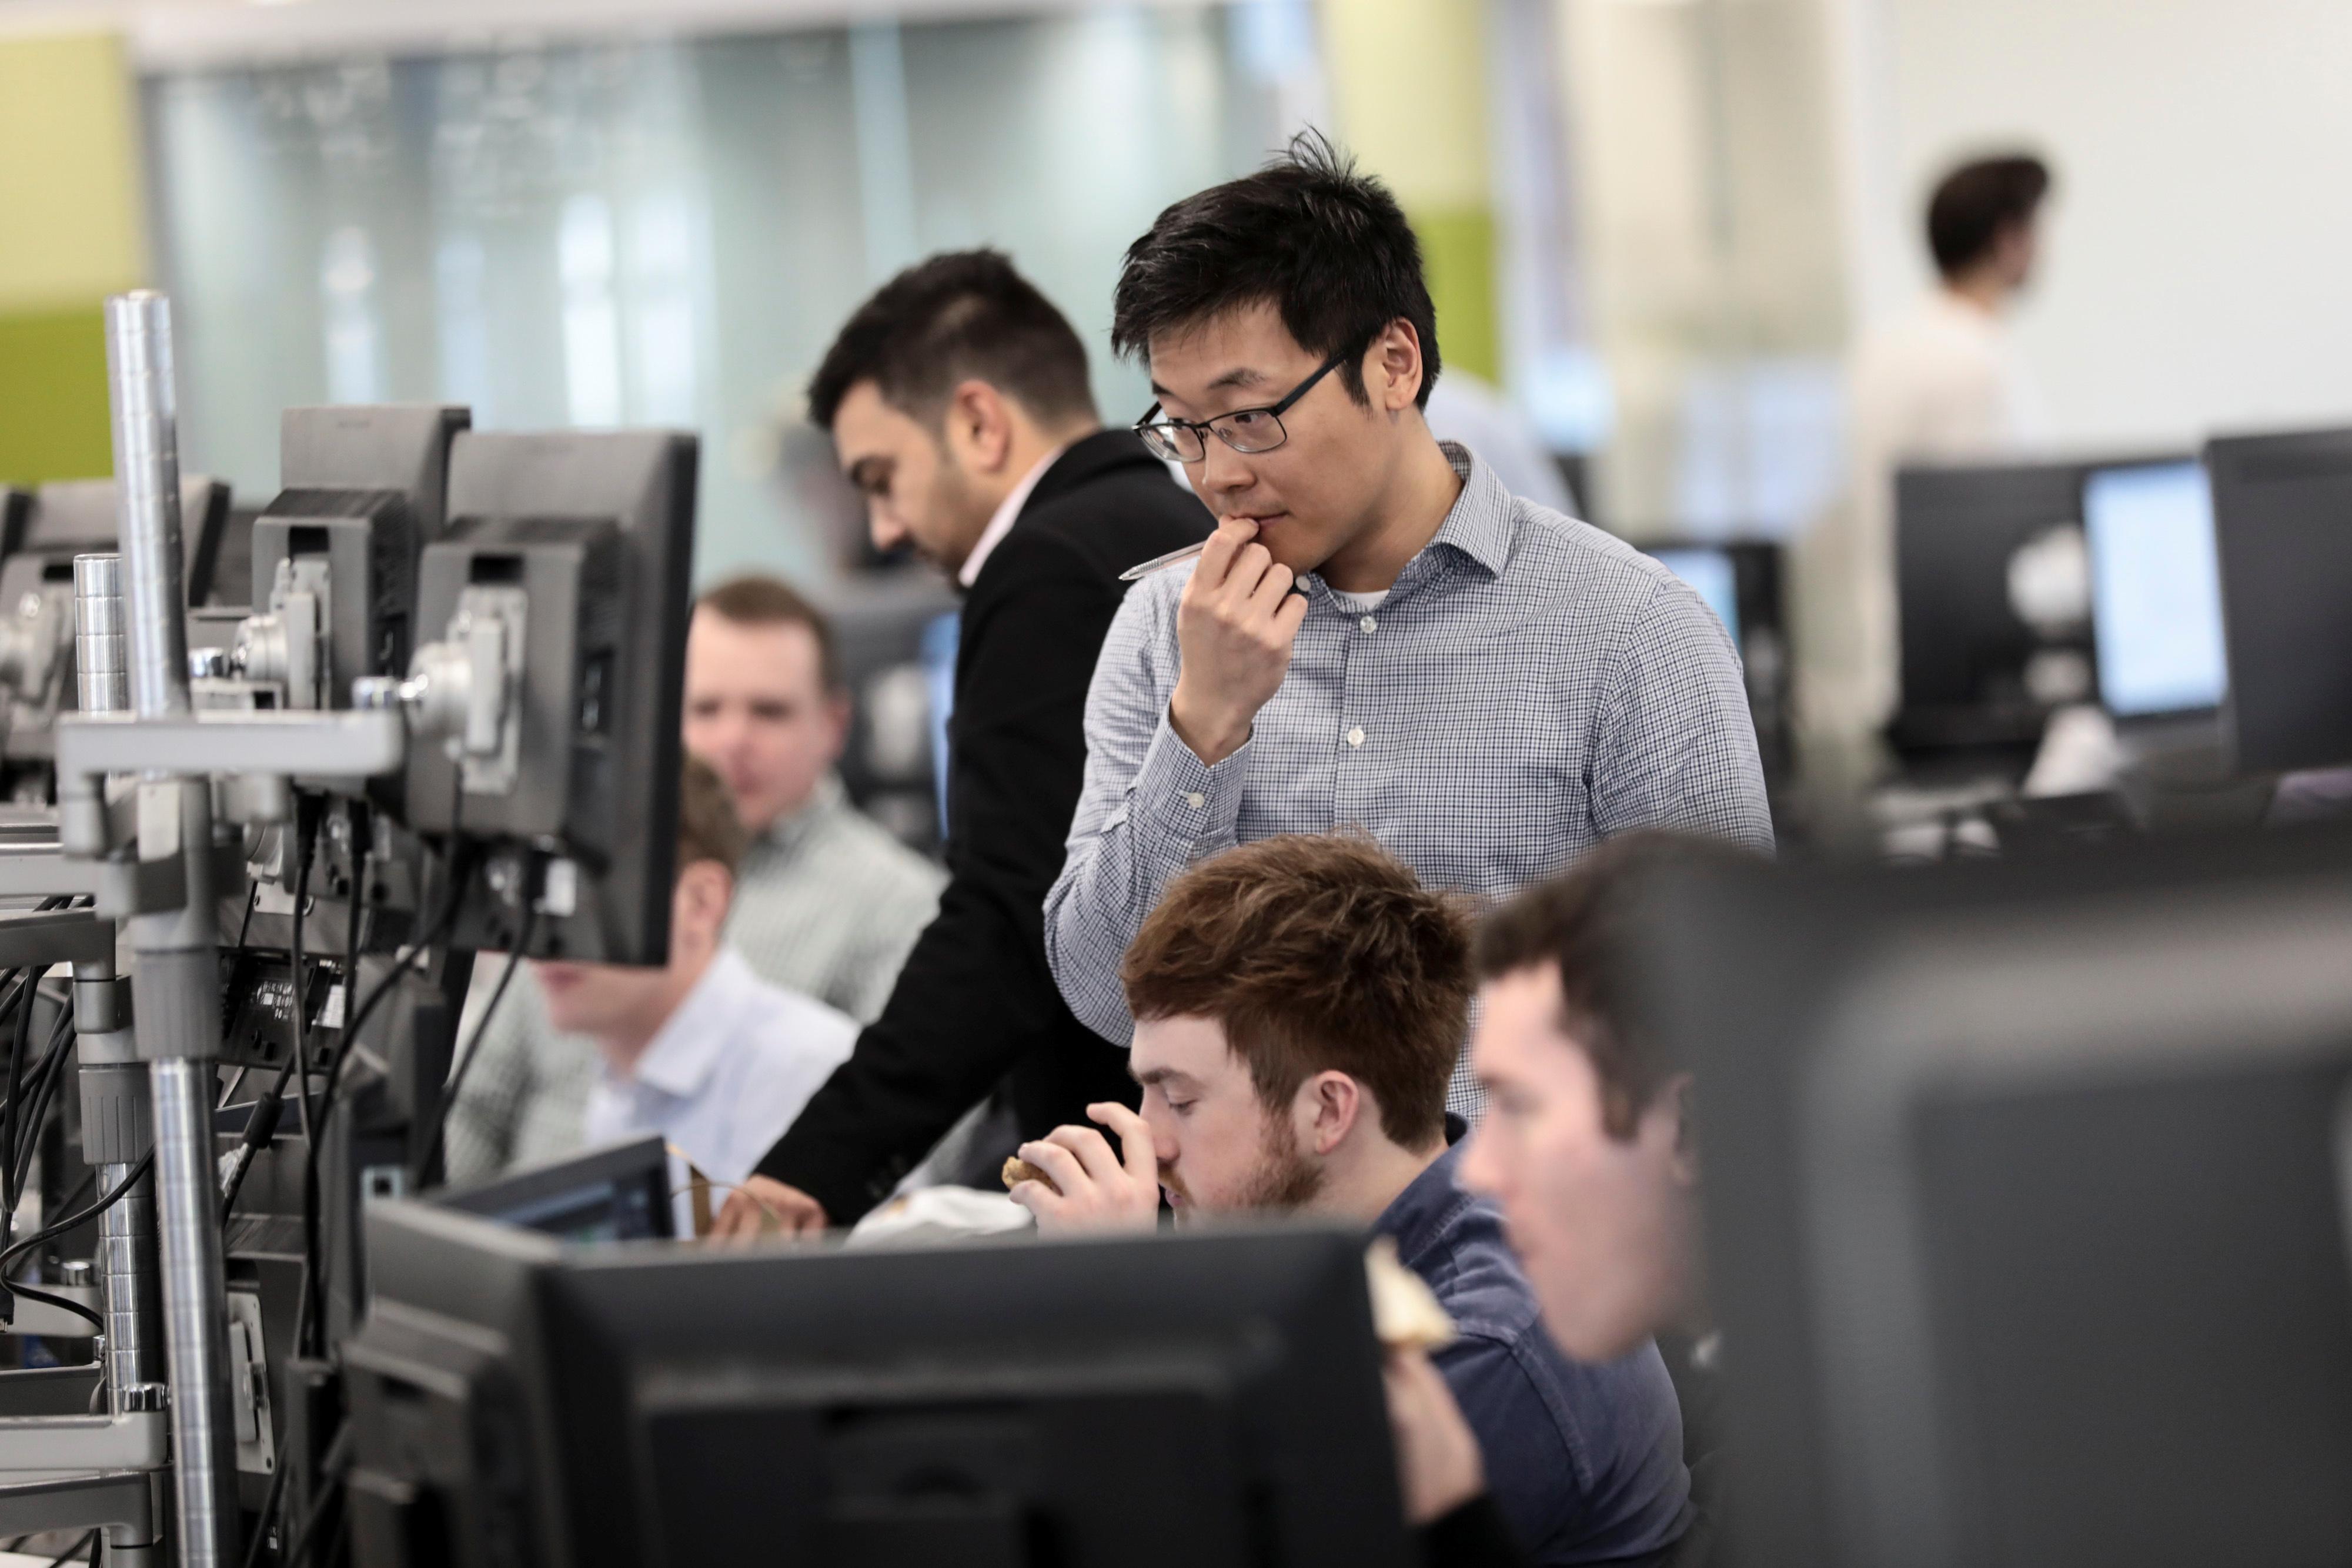 FTSE up for third day on China stimulus hopes, Halma jump